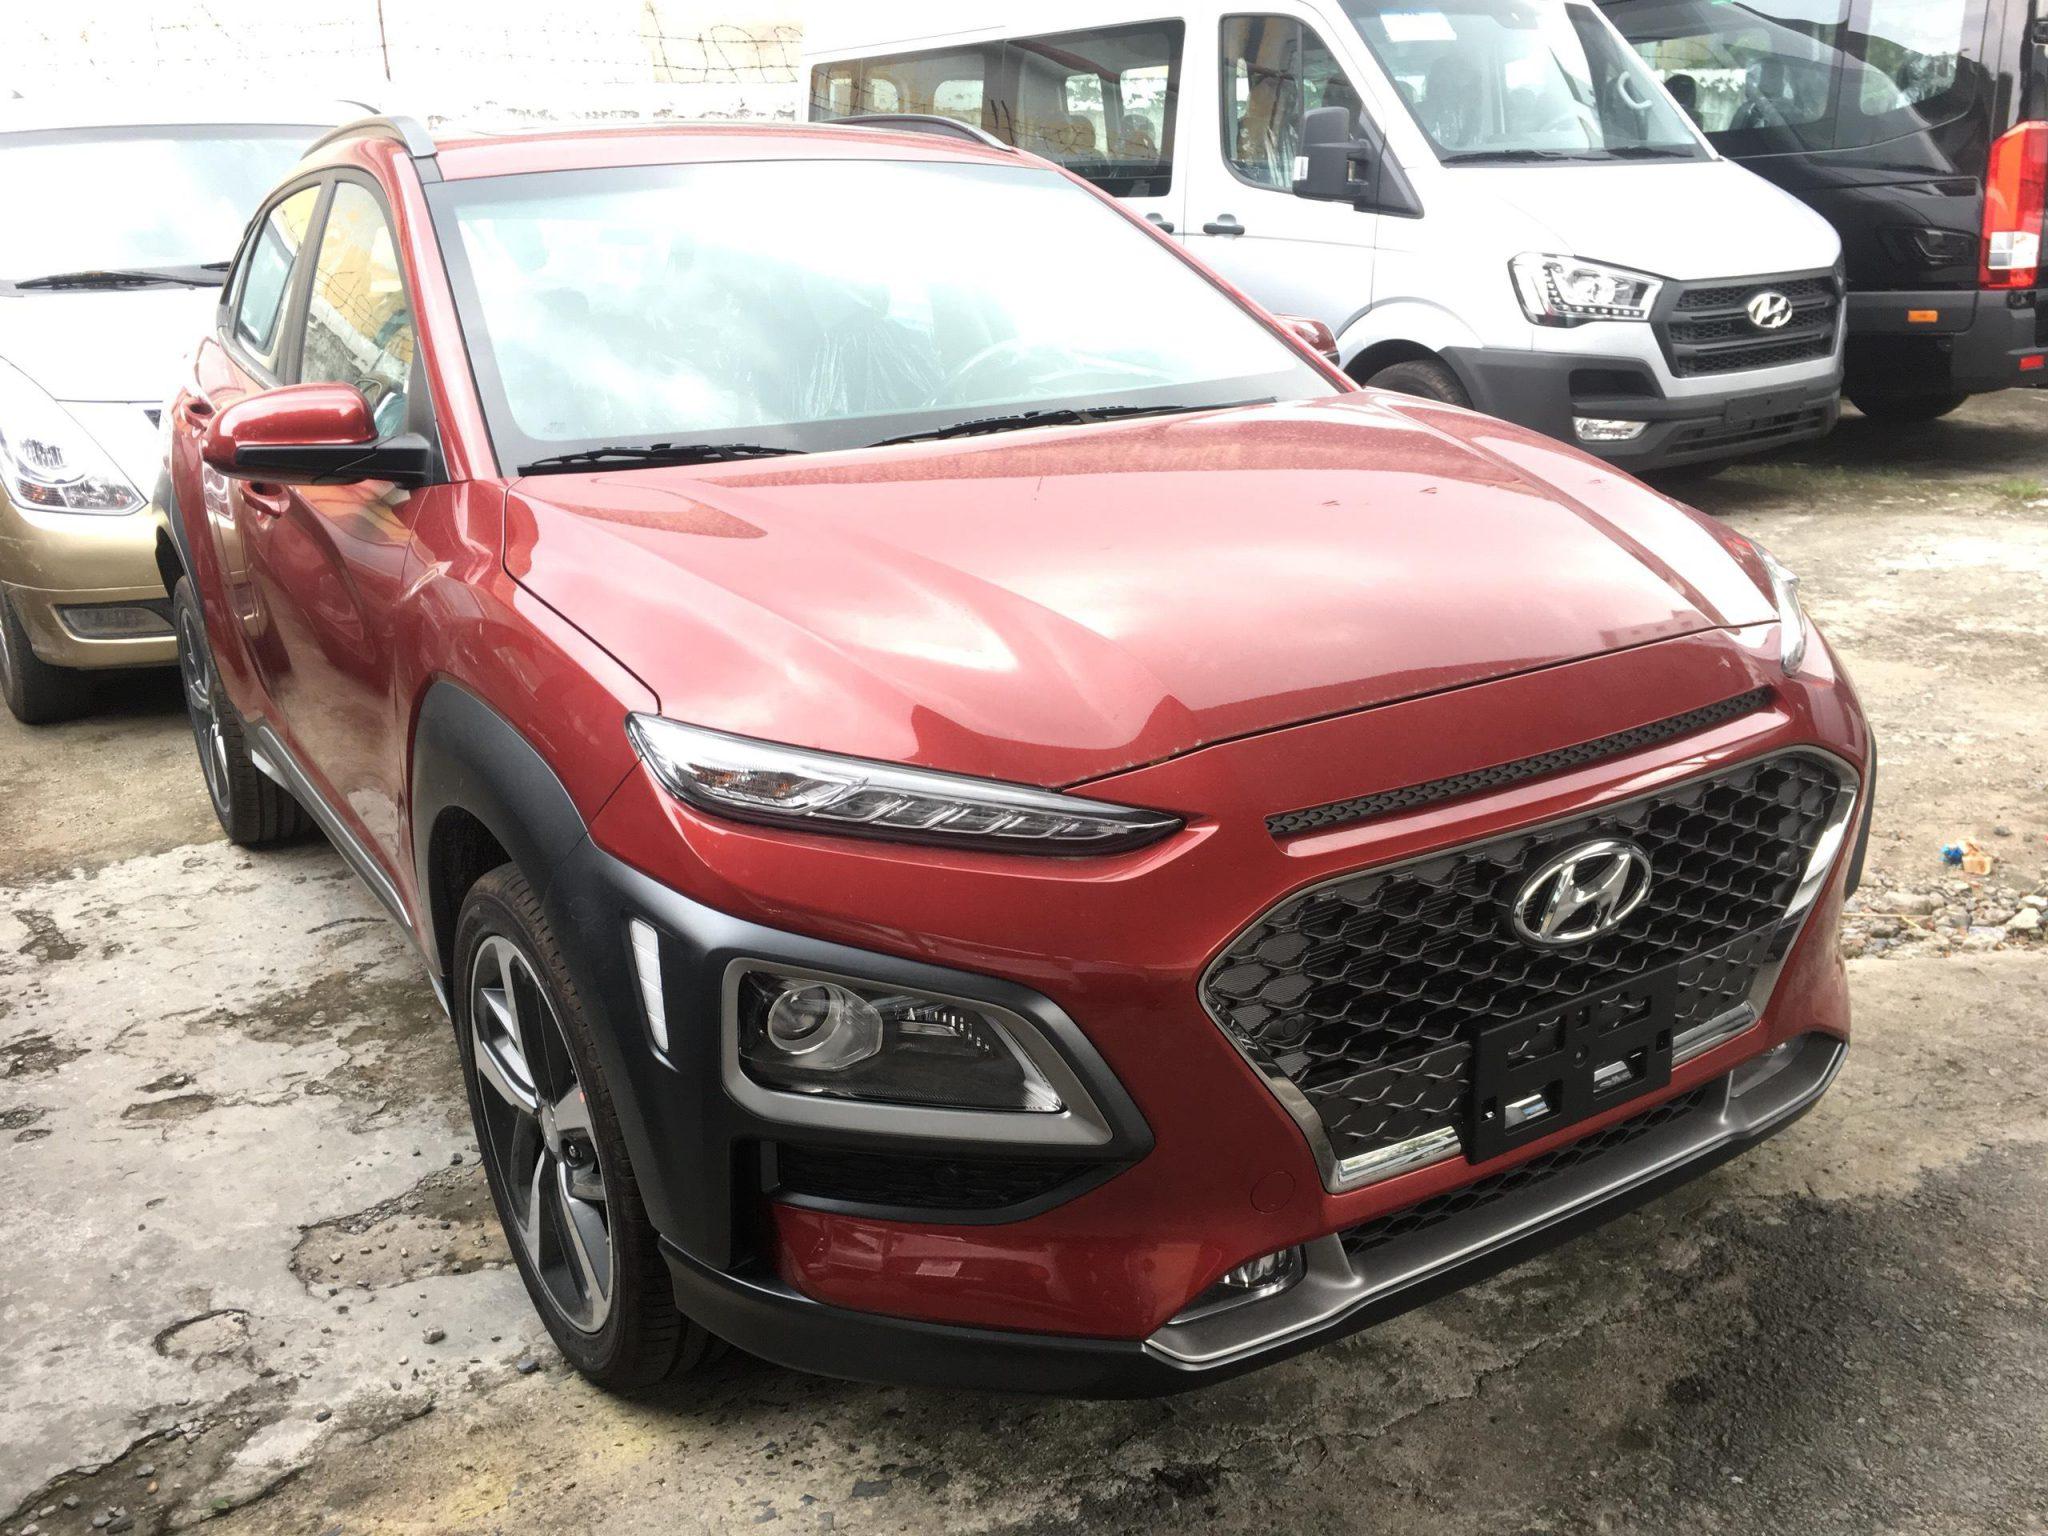 Mau xe Hyunda Kona 2019 anh 7 - Hyundai Kona mới: giá xe và khuyến mãi tháng [hienthithang]/[hienthinam]